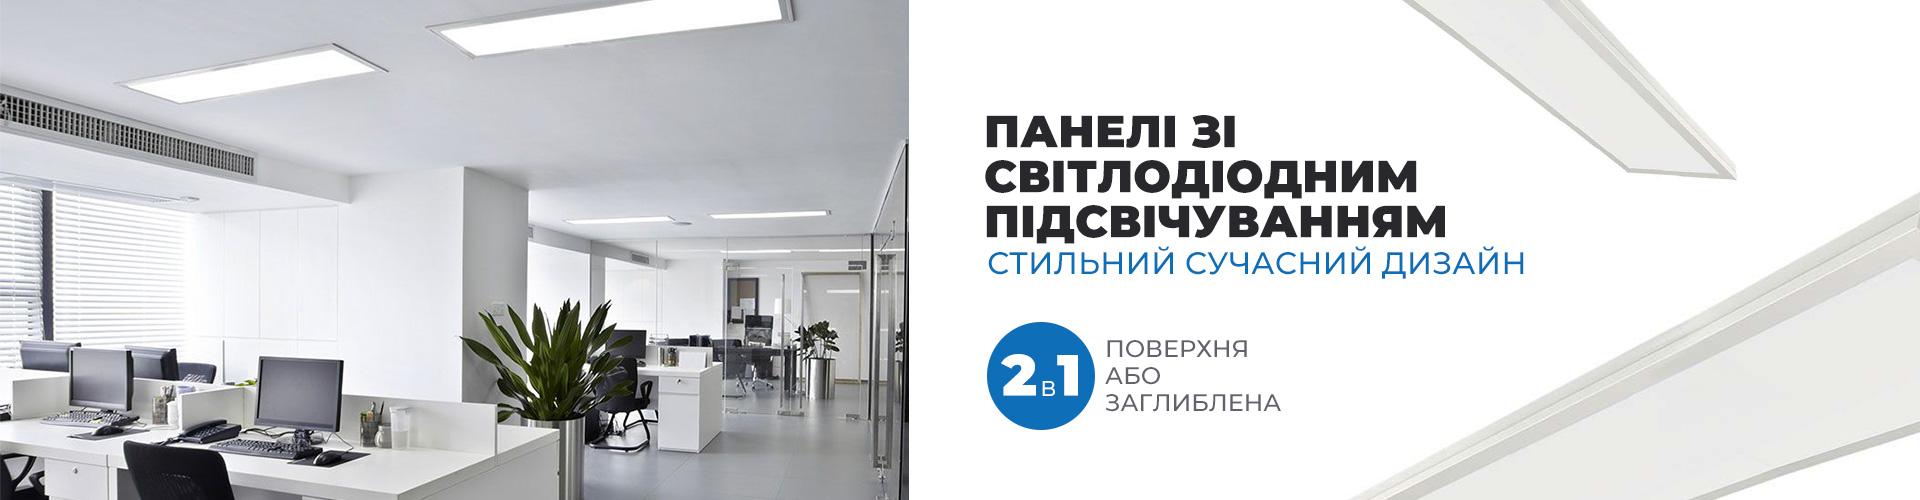 backlit-panels-ua